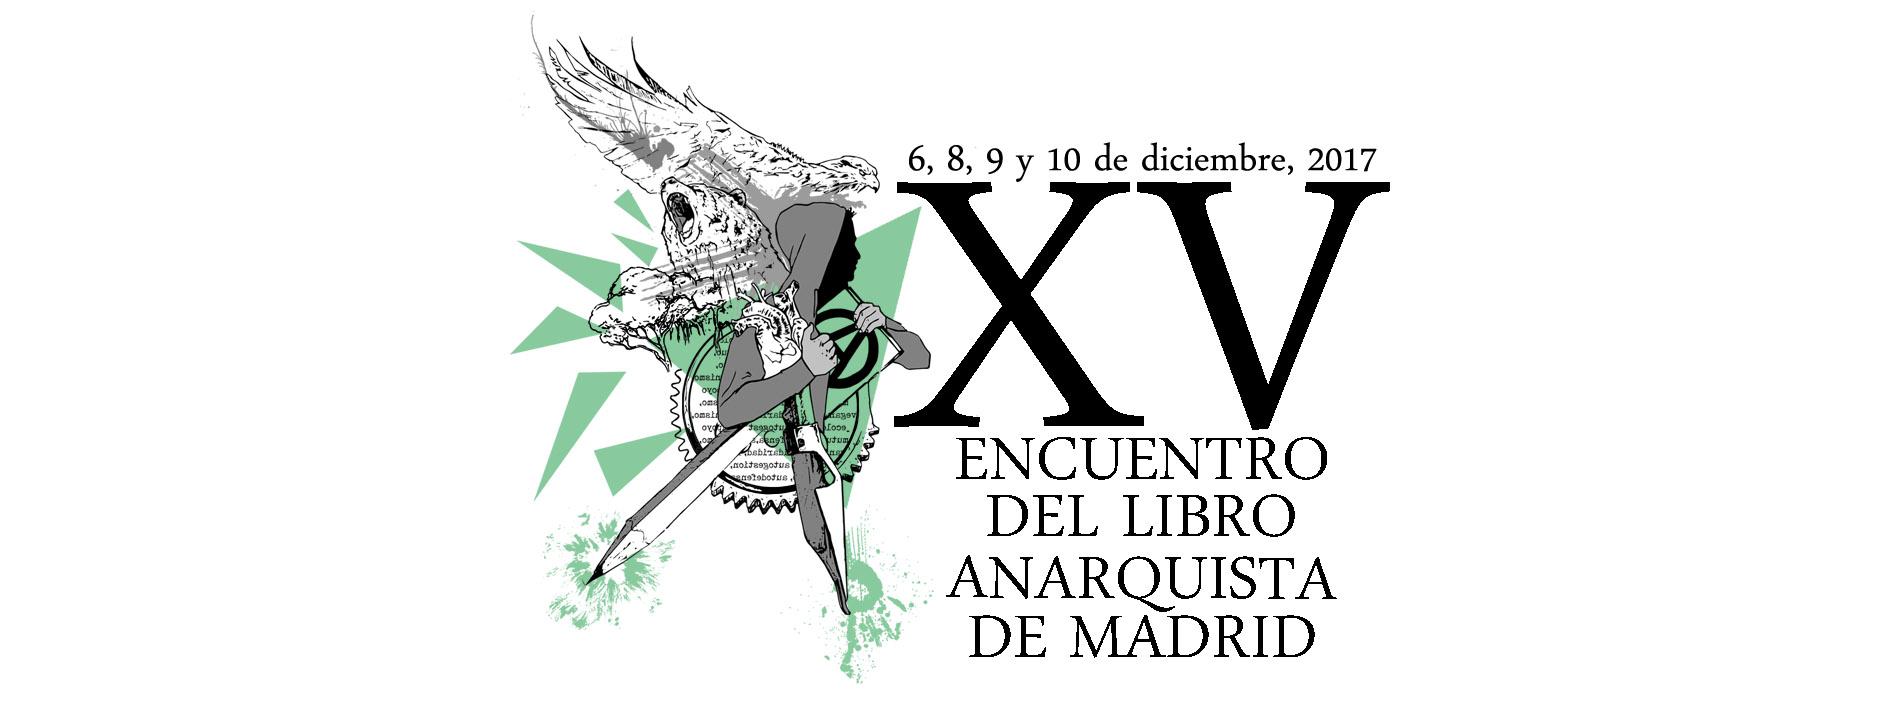 https://encuentrodellibroanarquista.org/feria13/wp-content/uploads/2017/10/Banner_3.jpg